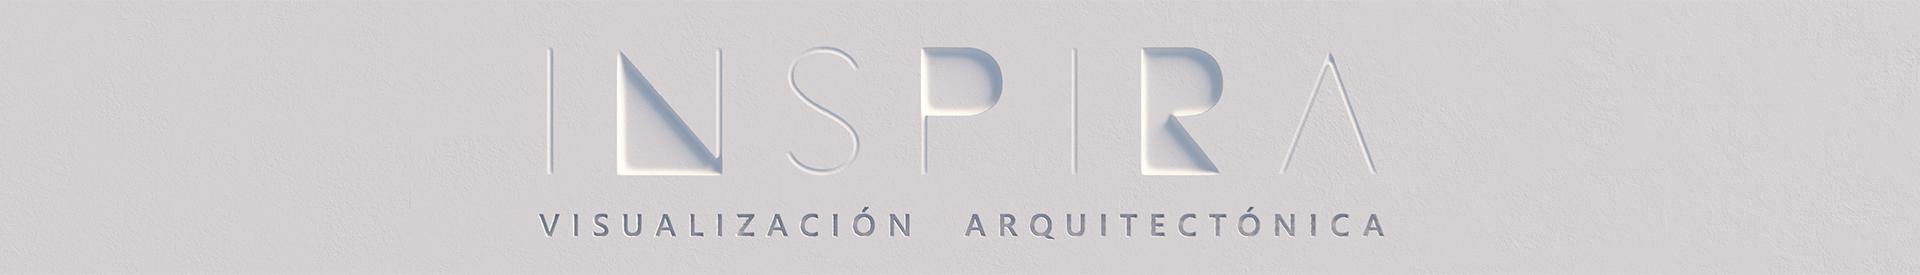 inspira_estudio_3d_logo_movil